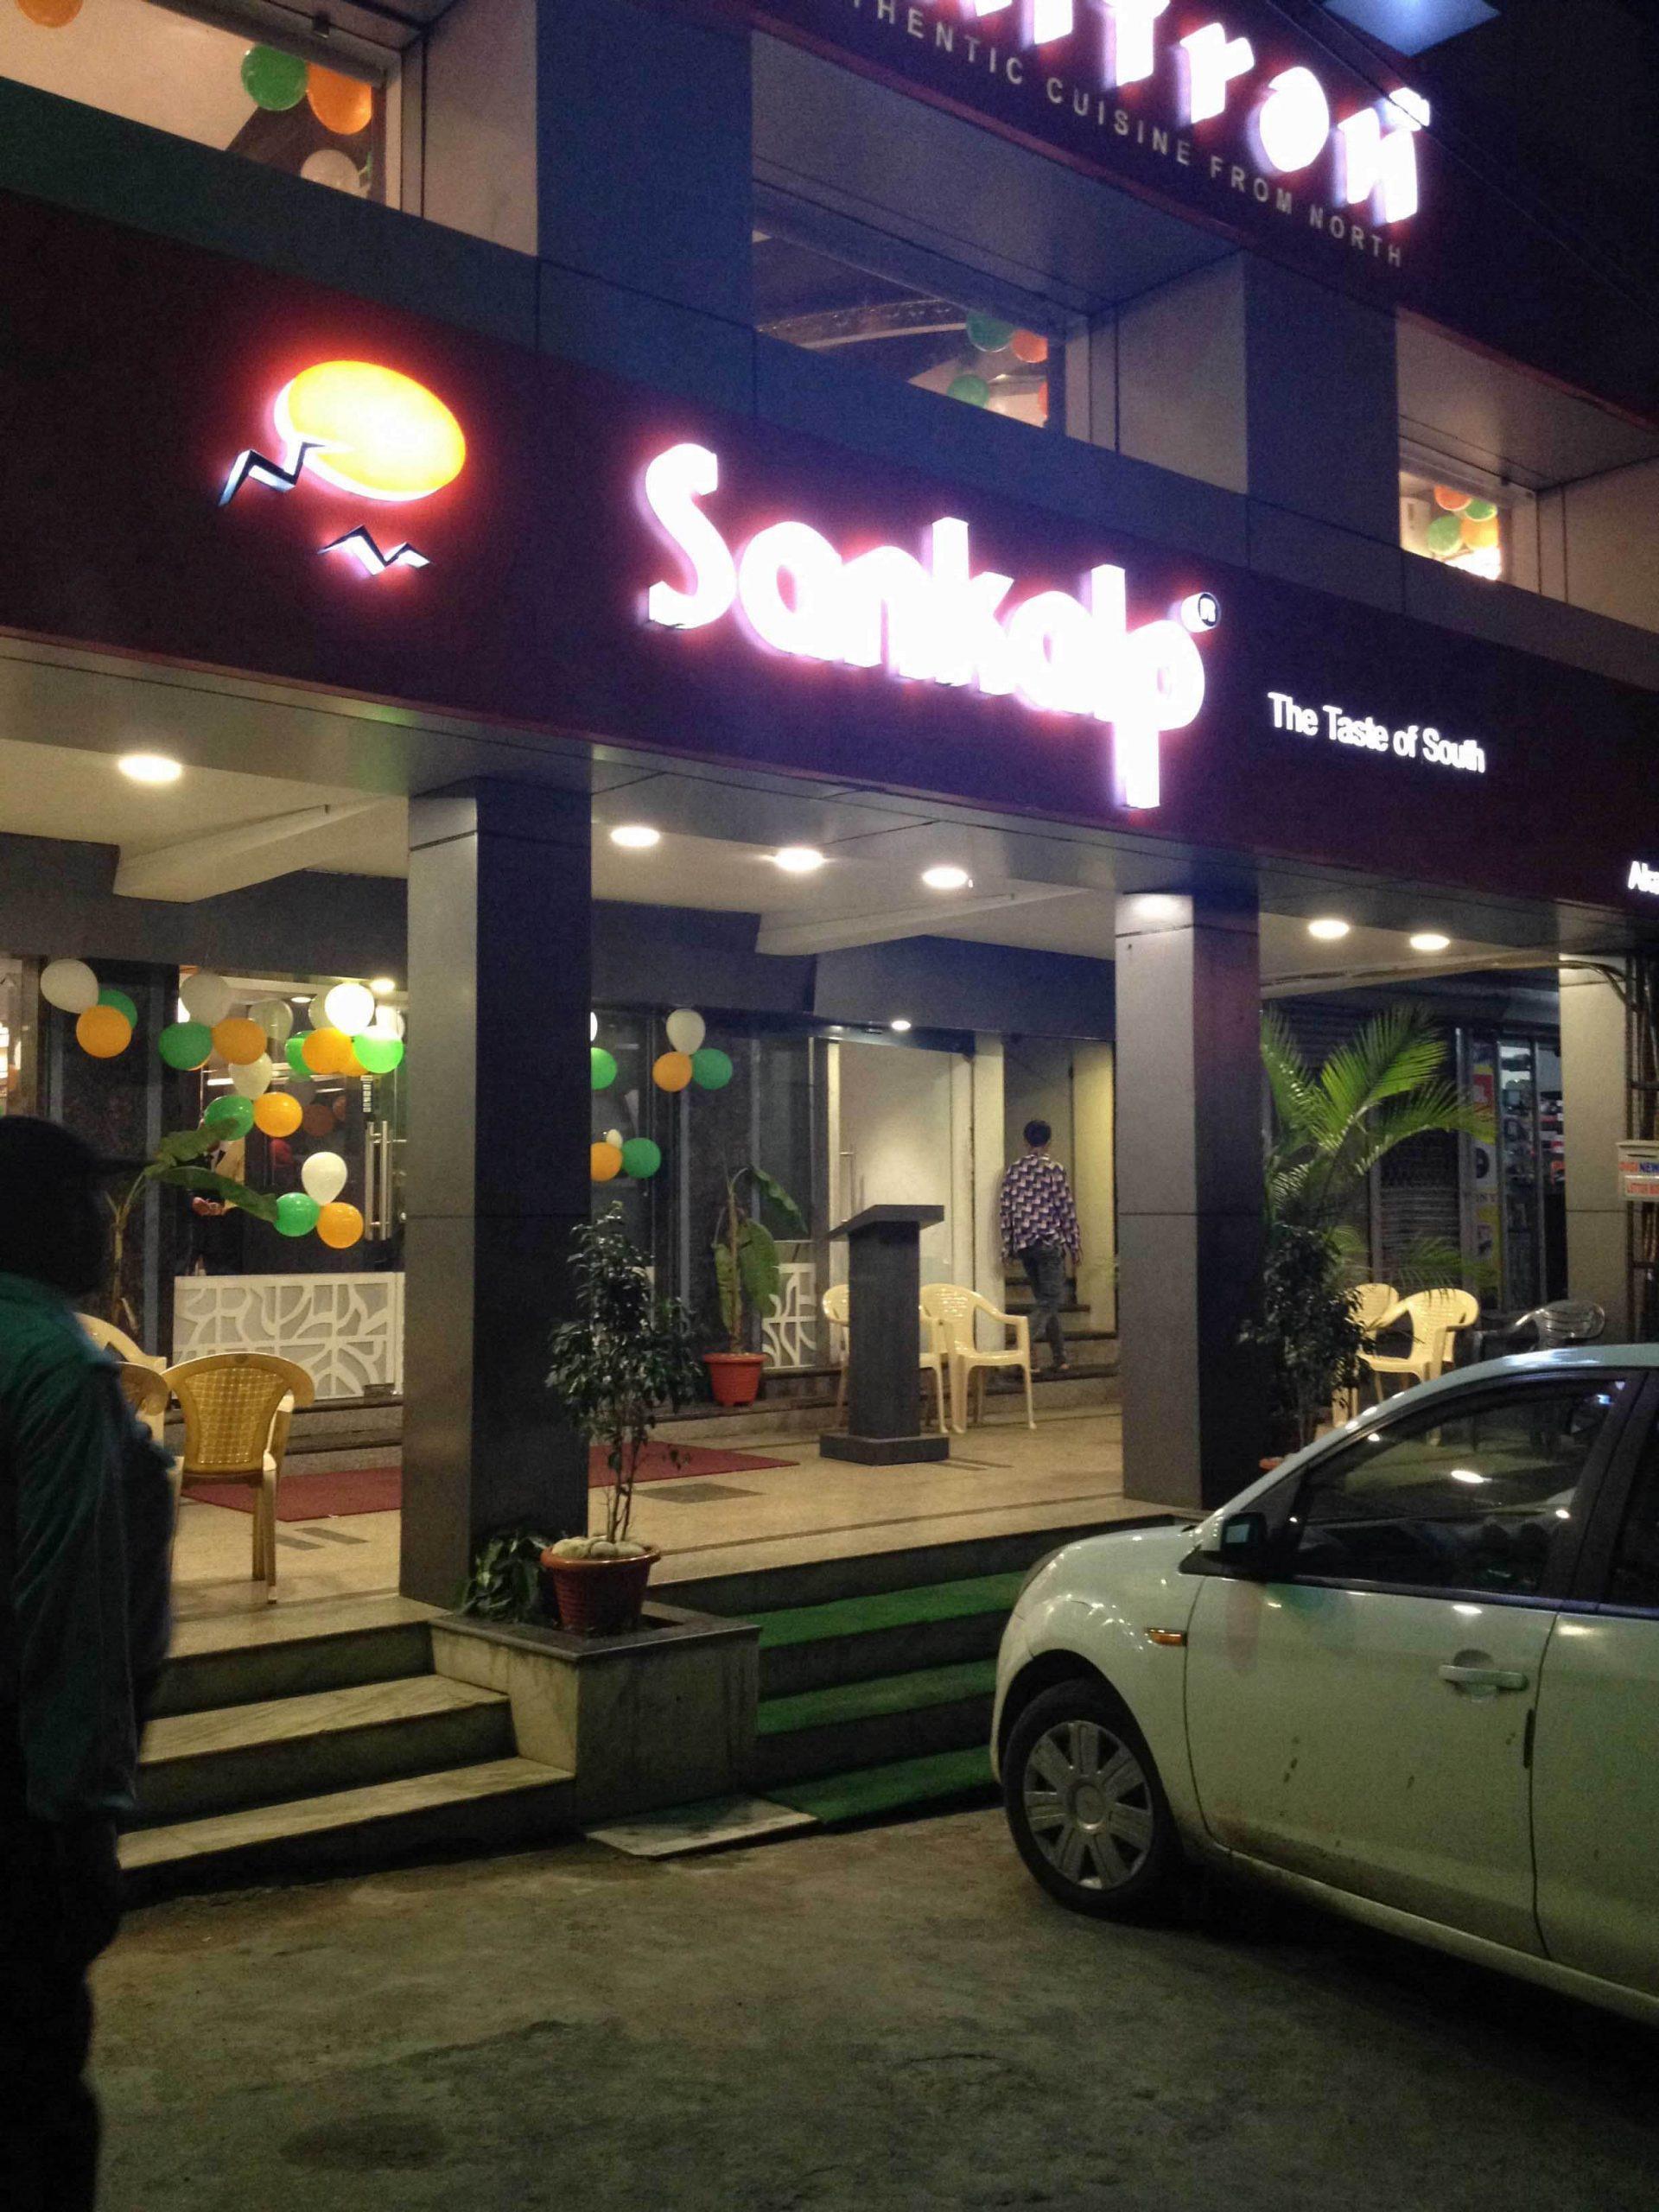 Sankalp-Best Restaurant In Bhopal